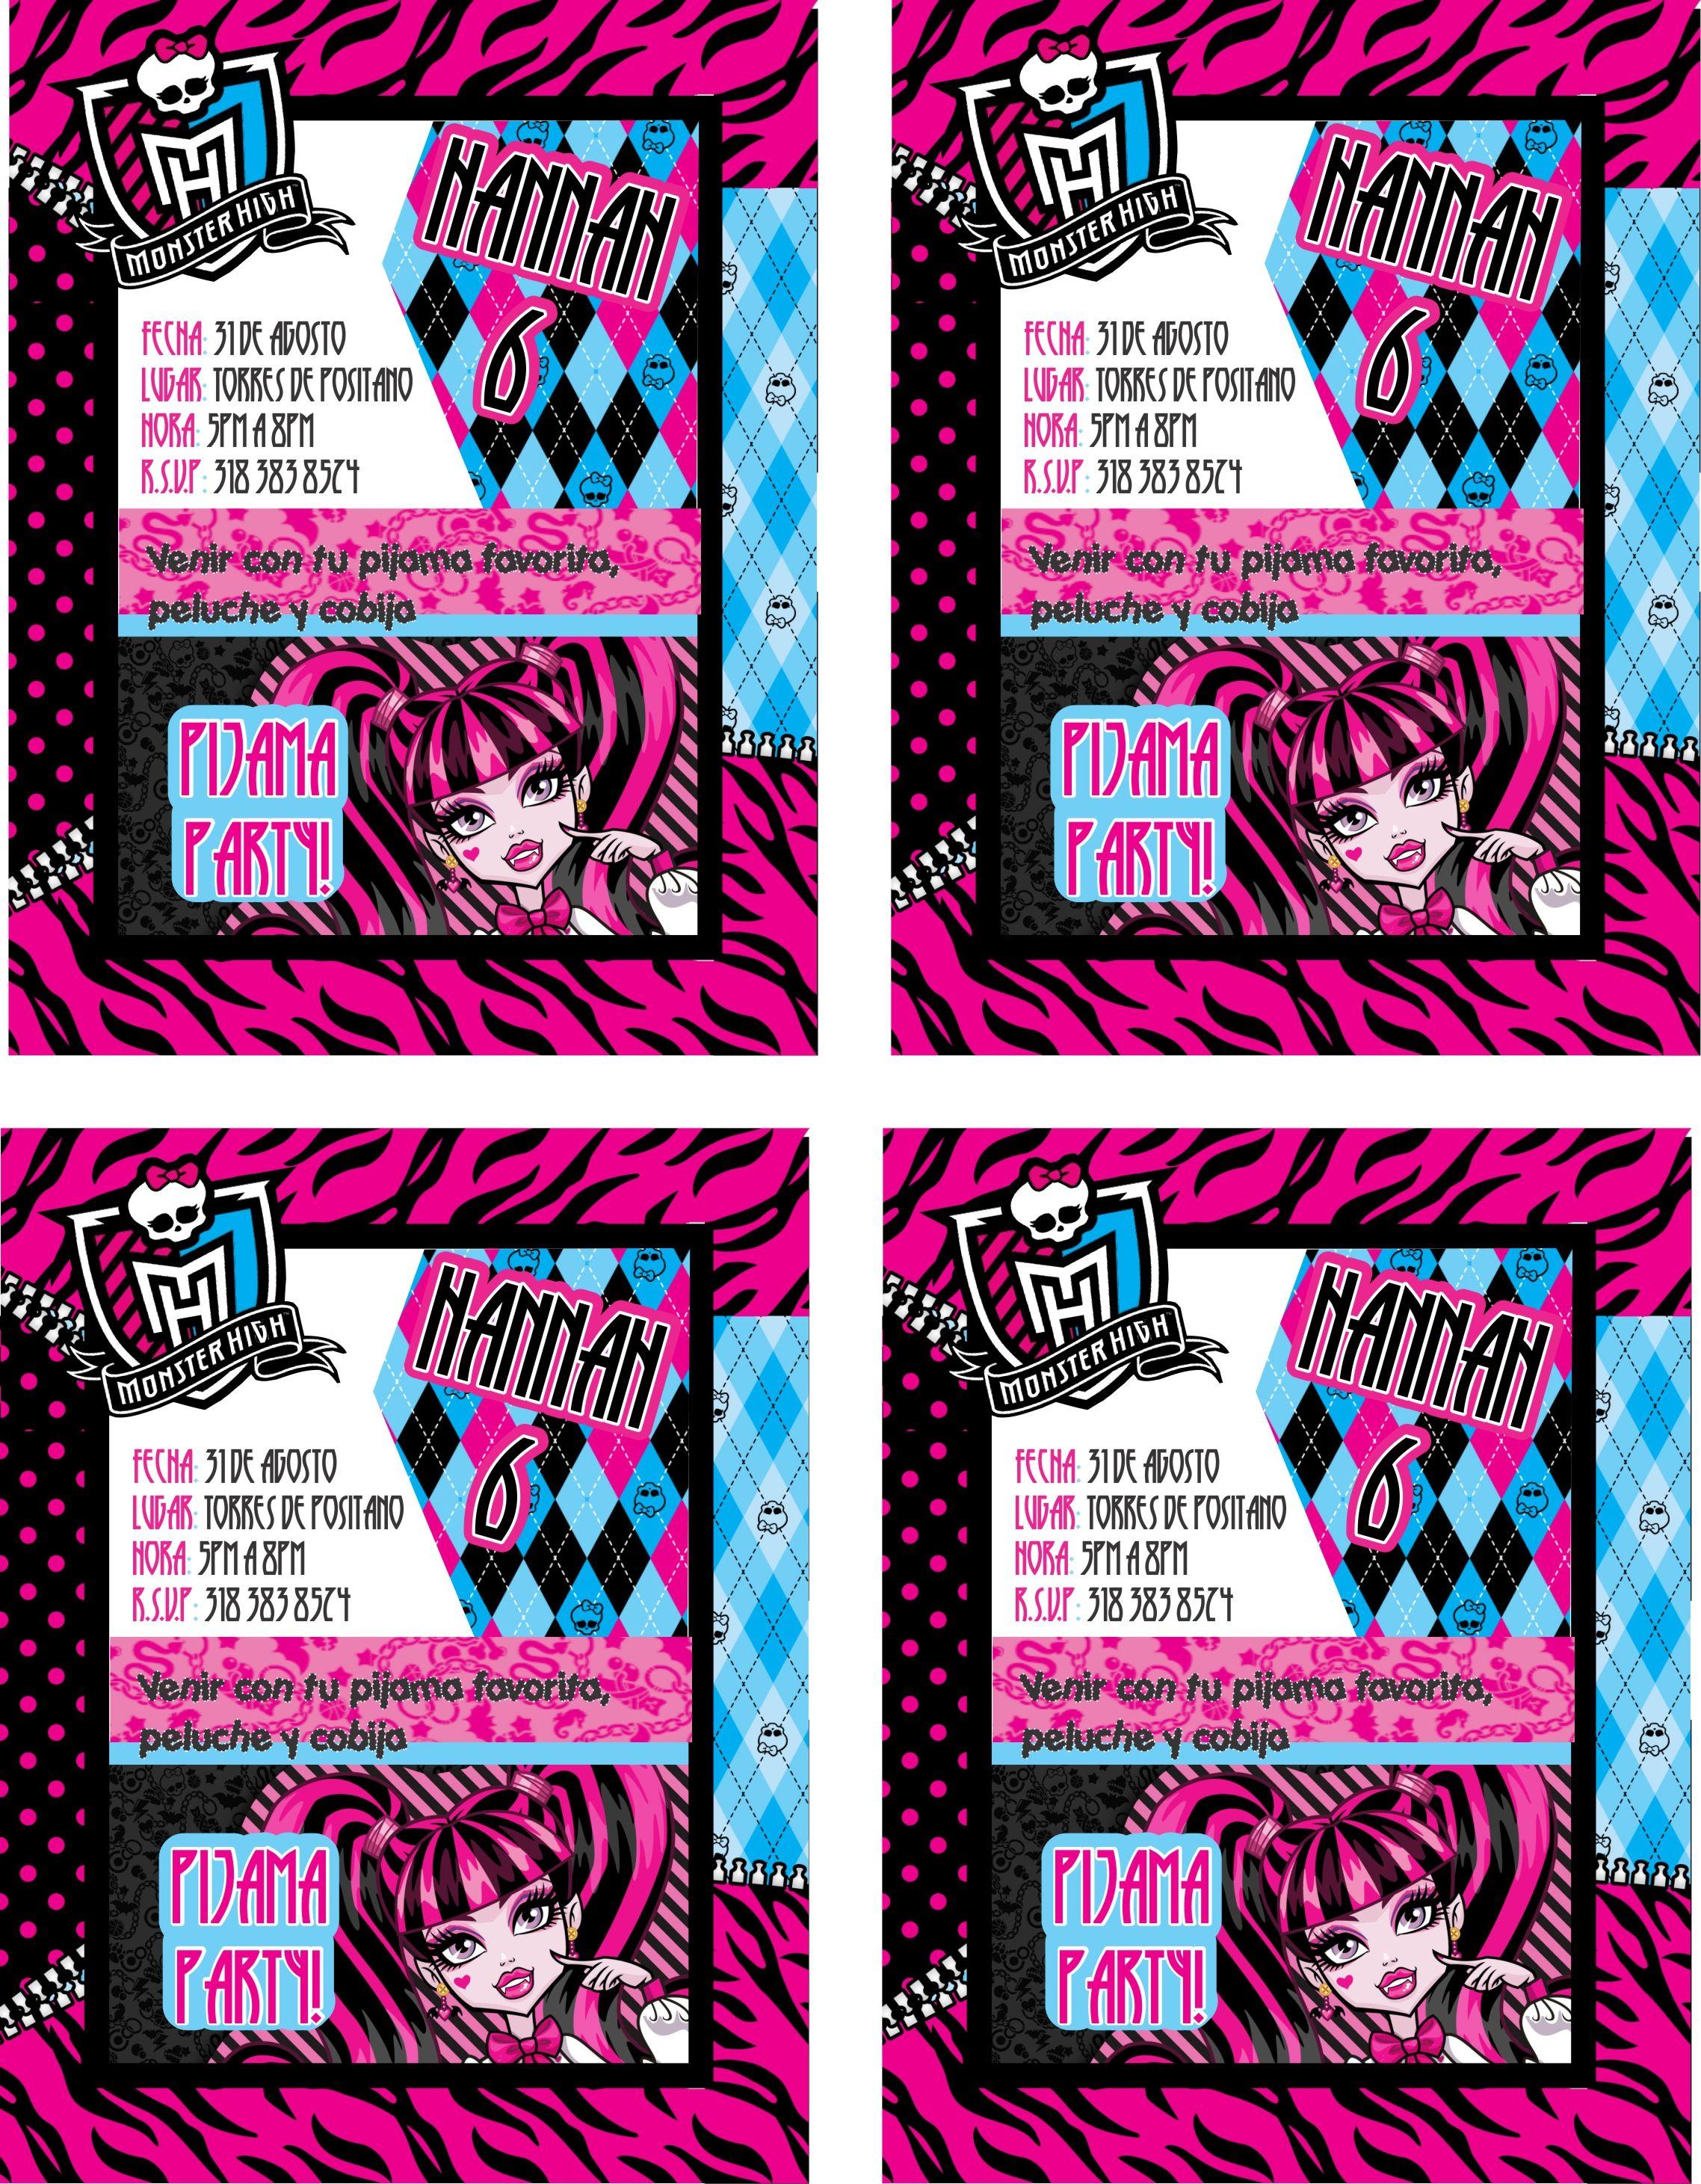 monster high invitaciones, cumple años, pijamada party | printables ...